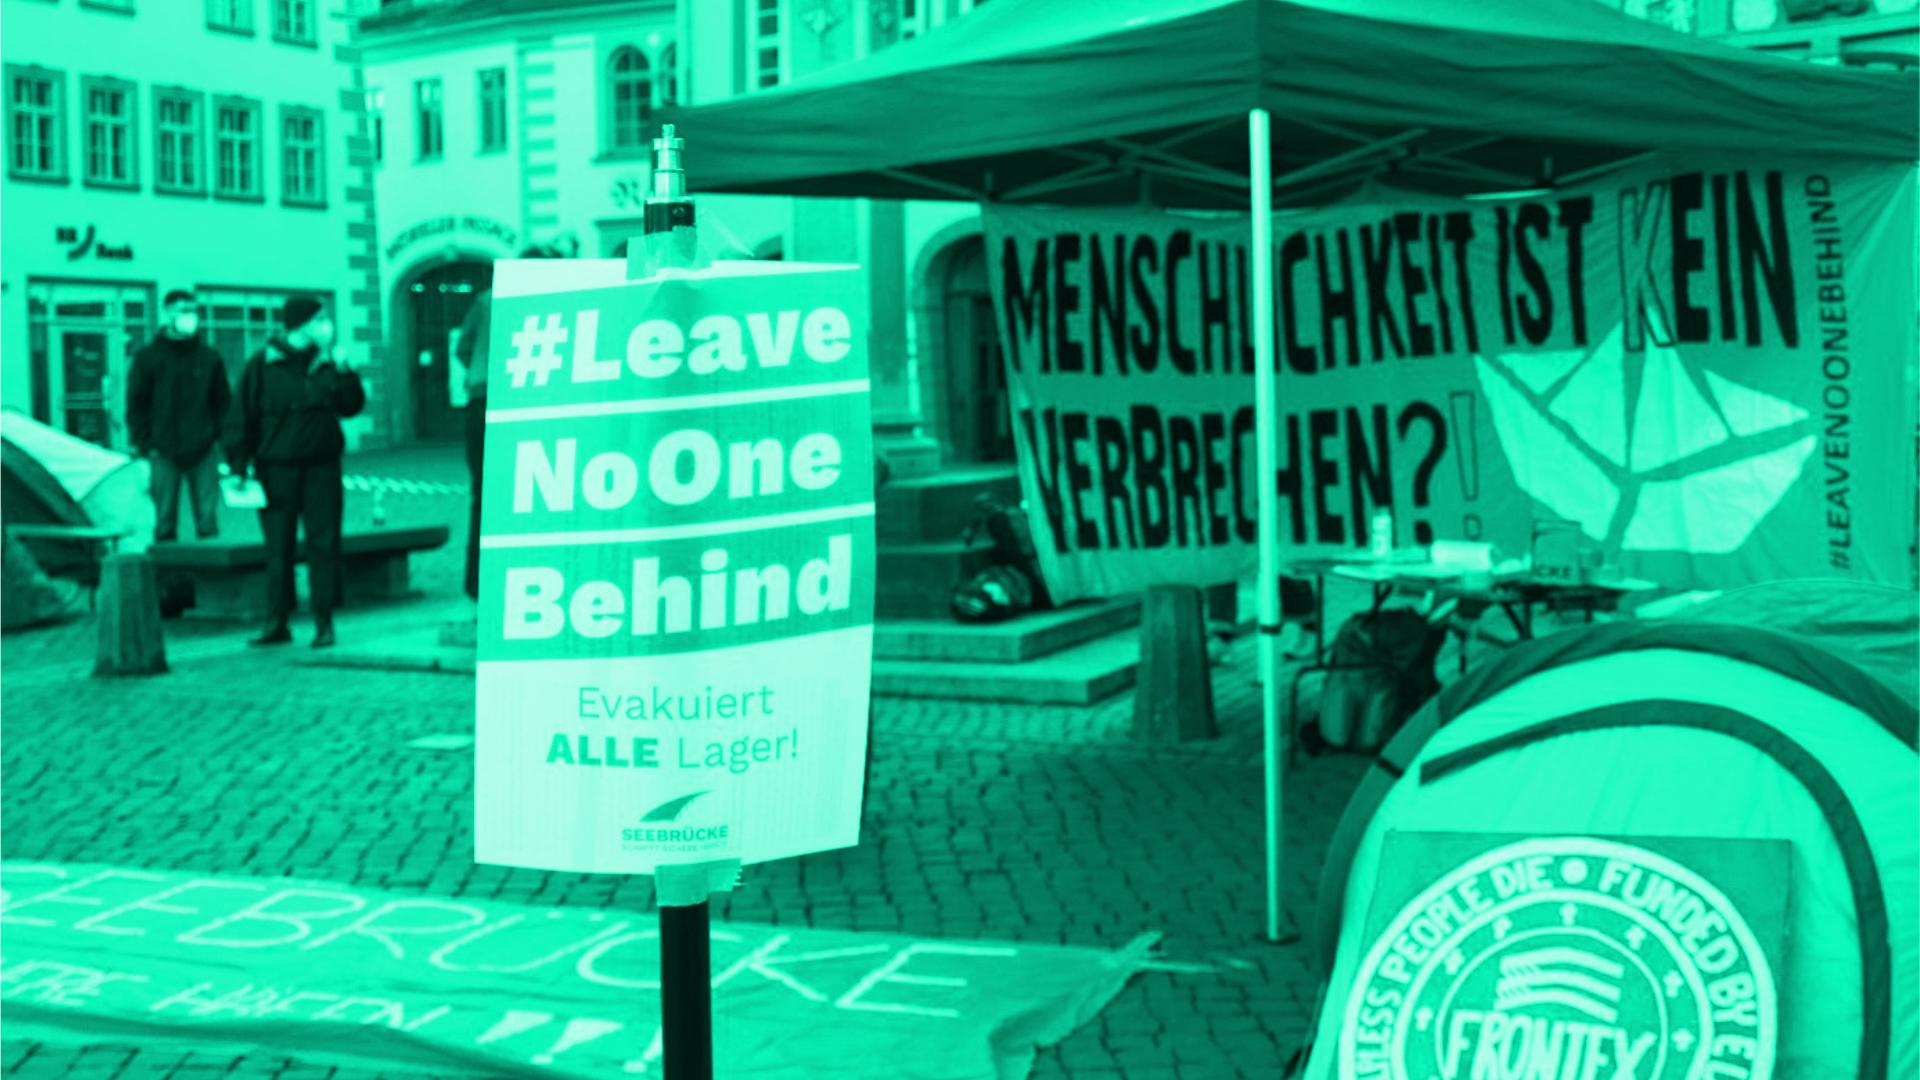 Zelte in Erfurts Innenstadt als Protest gegen humanitäres Versagen